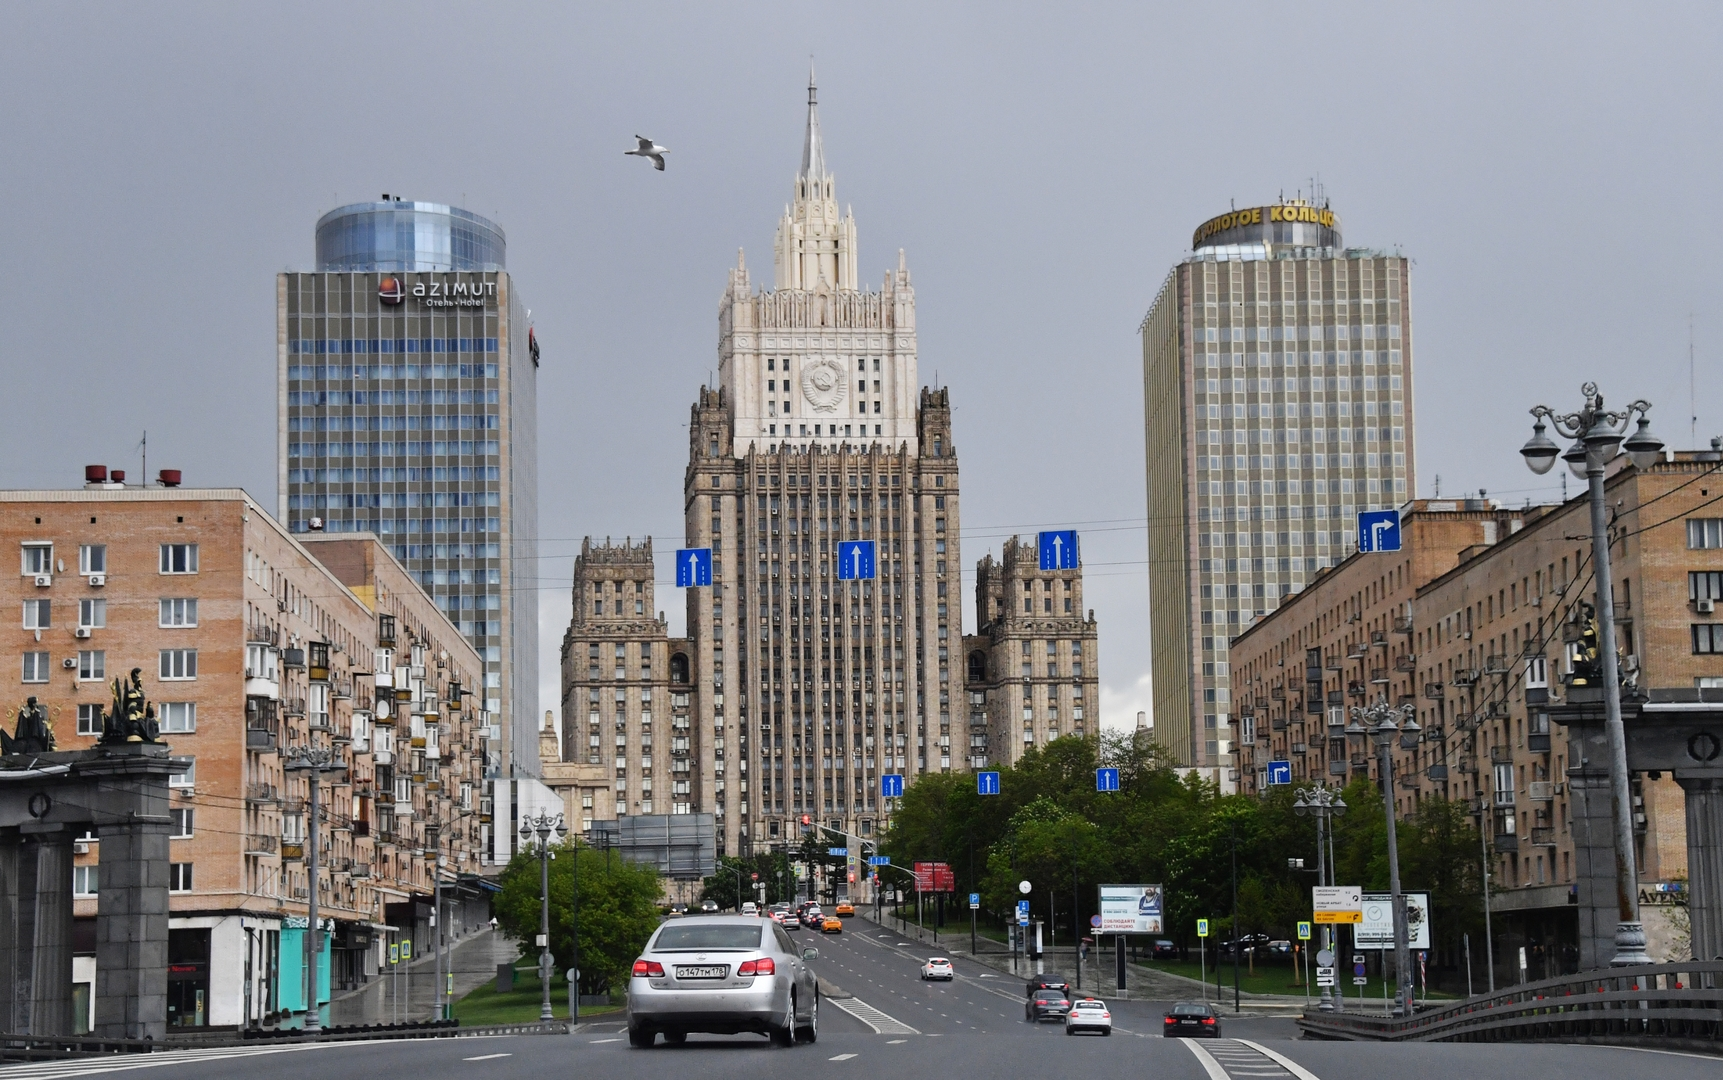 بوغدانوف يبحث التسوية الليبية مع السفير التركي في موسكو